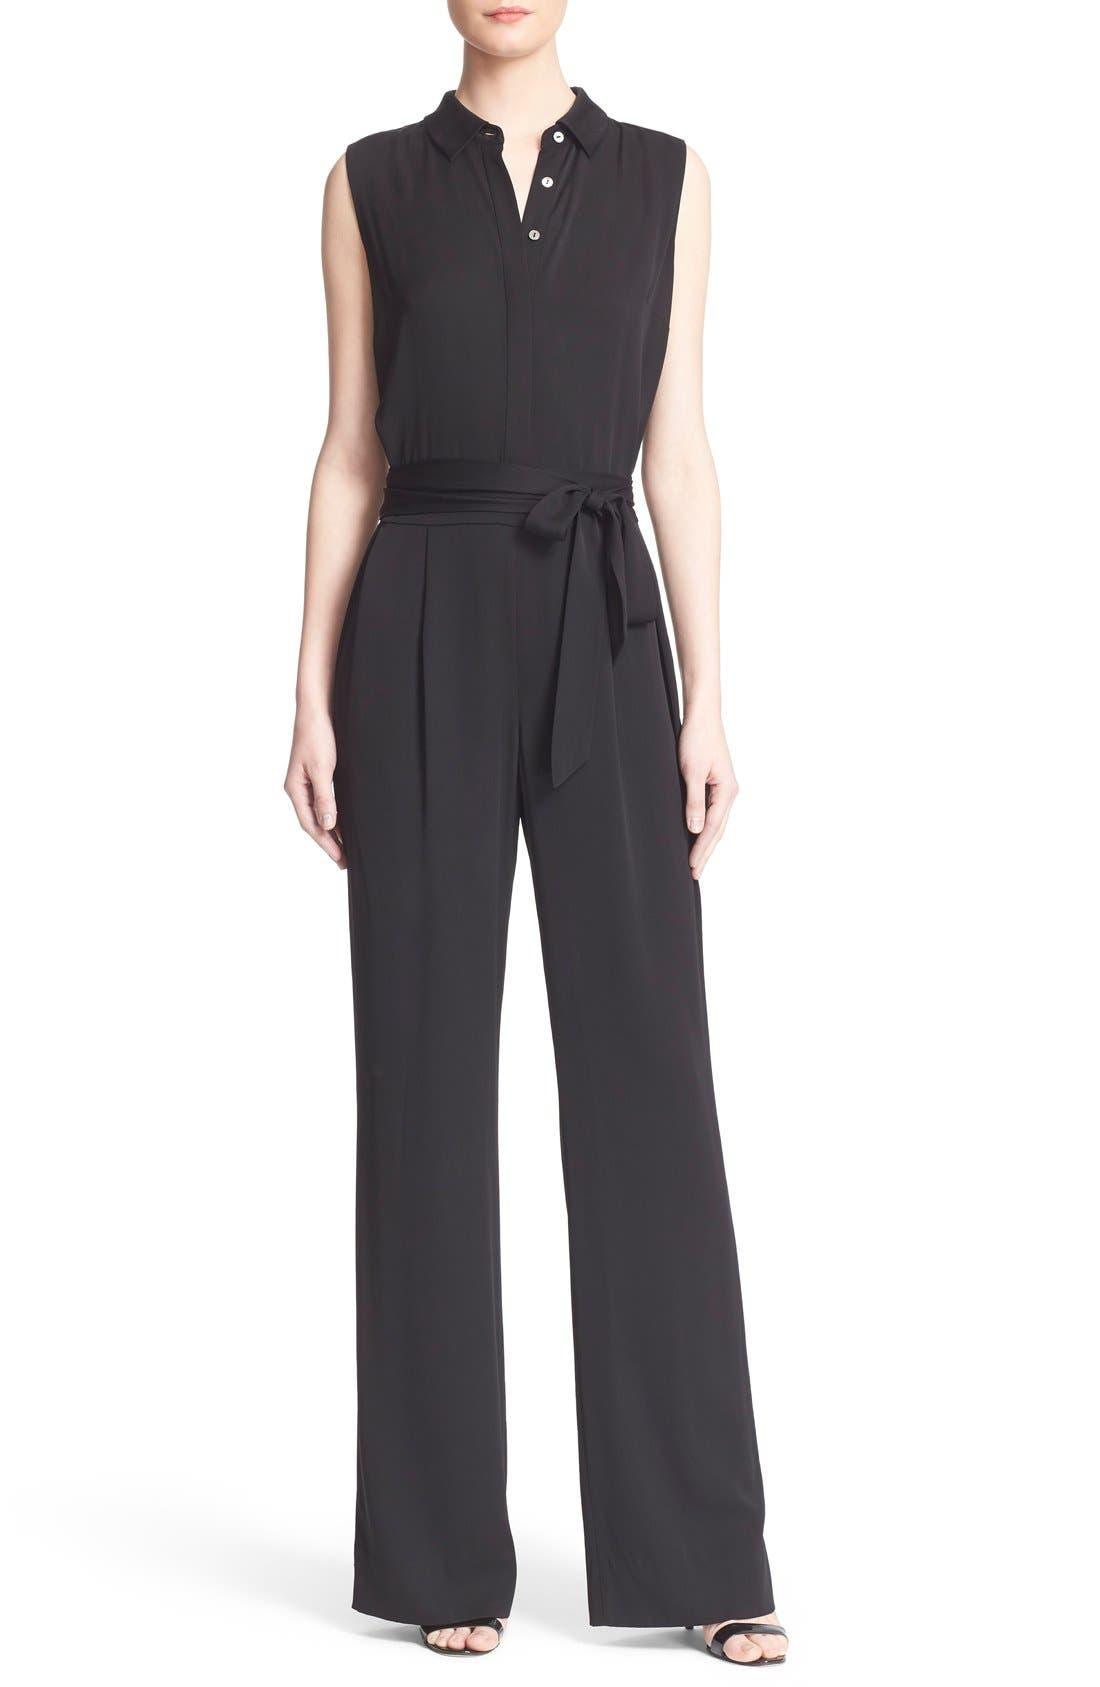 Main Image - Diane von Furstenberg 'Traci' Stretch Silk Sleeveless Jumpsuit